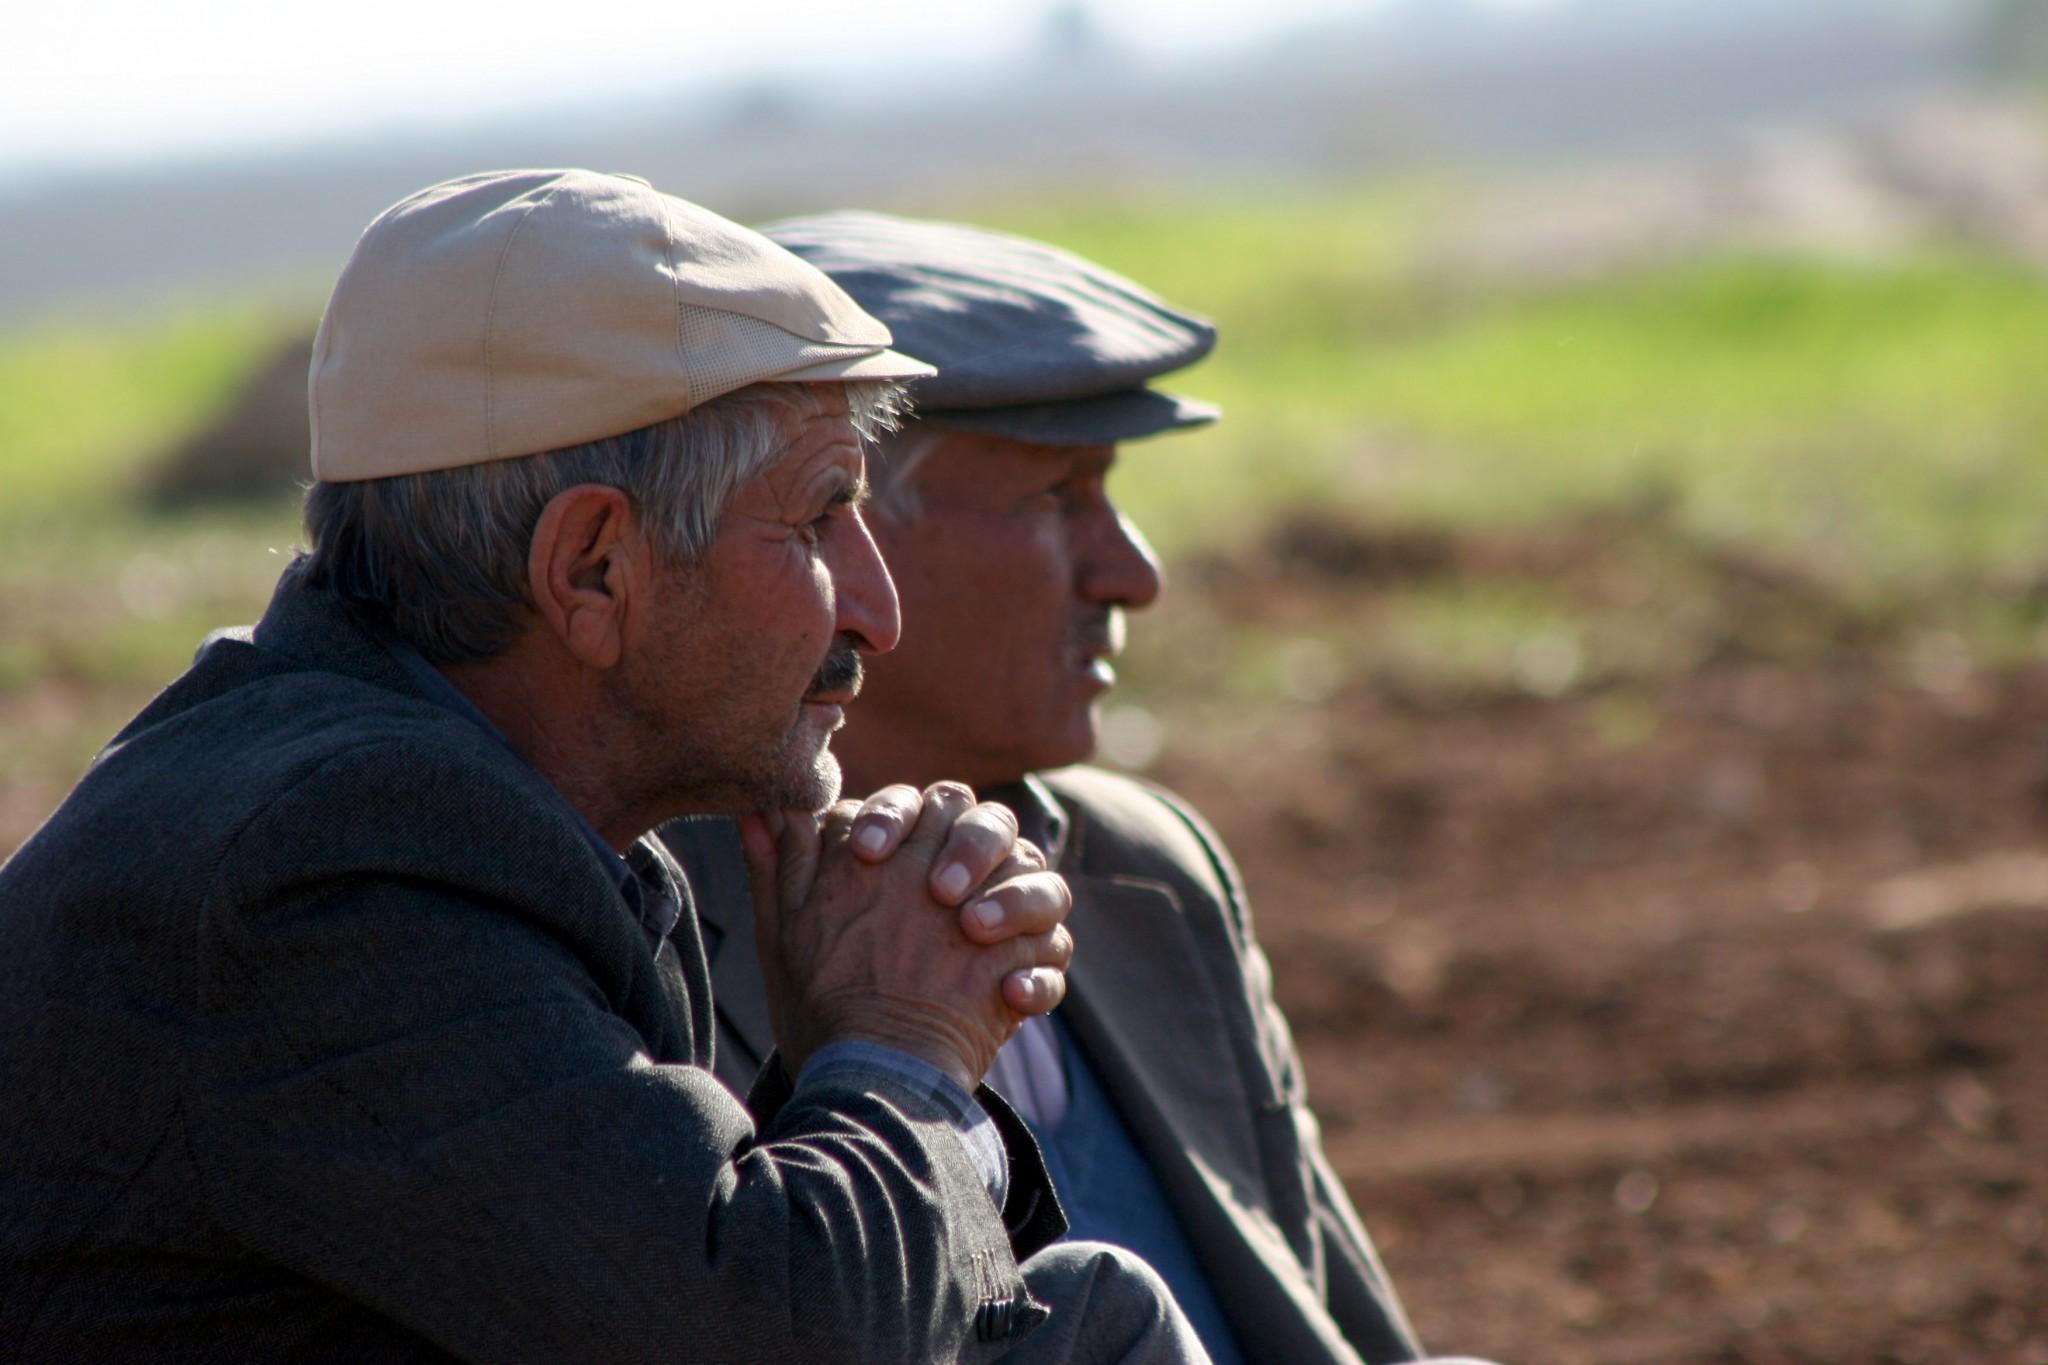 Mahkeme karar verdi, çiftçinin destekleme primlerine bloke konulamayacak.